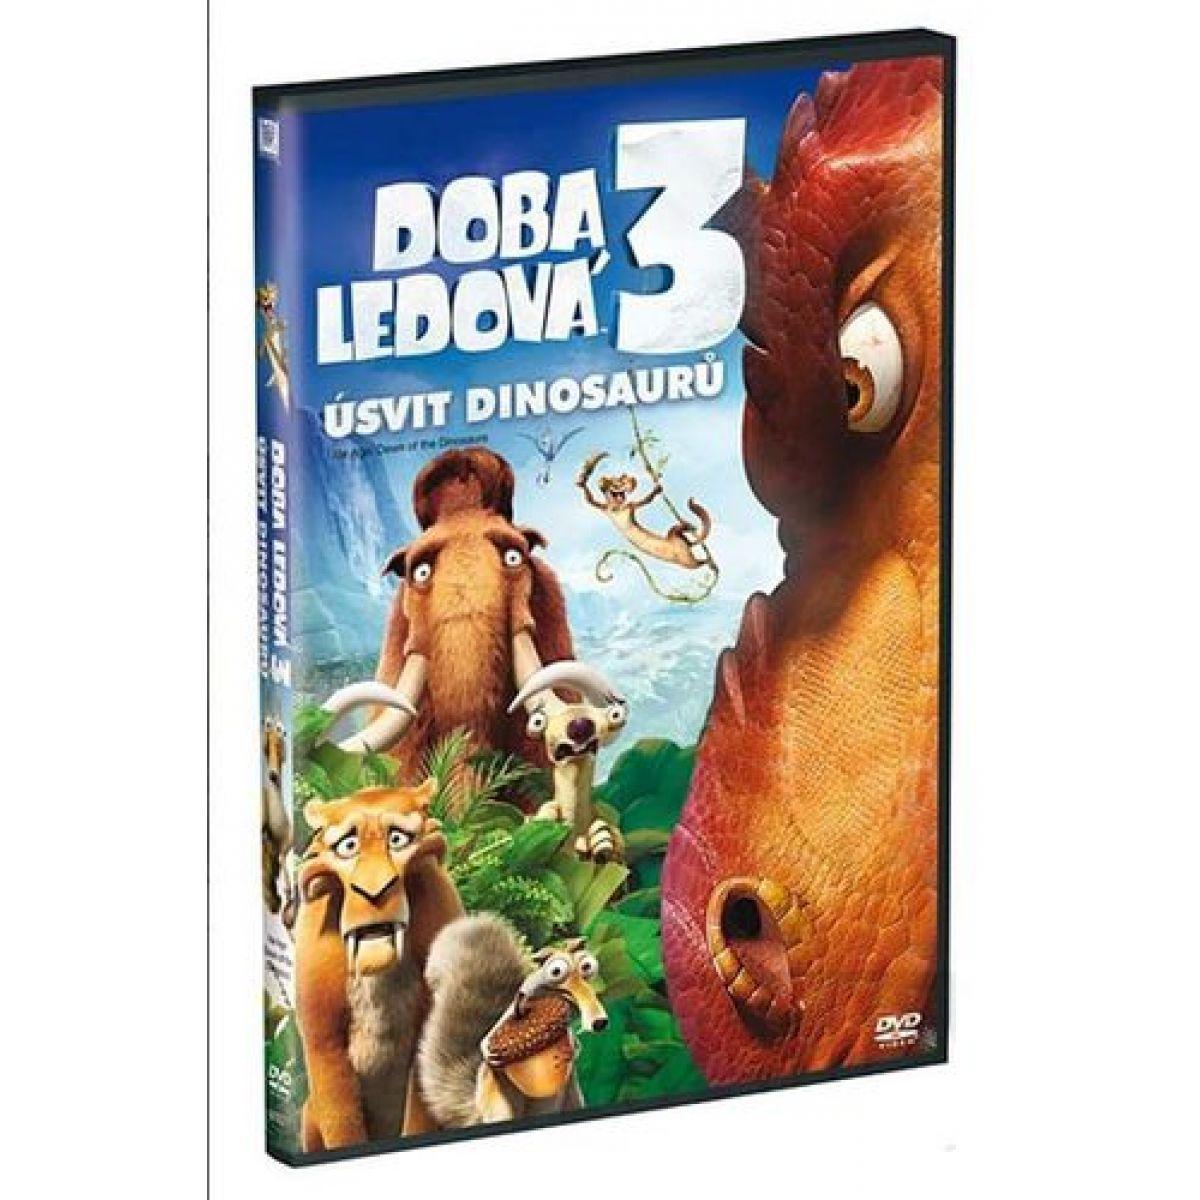 Bontonfilm DVD Doba ledová 3 Úsvit dinosaurů